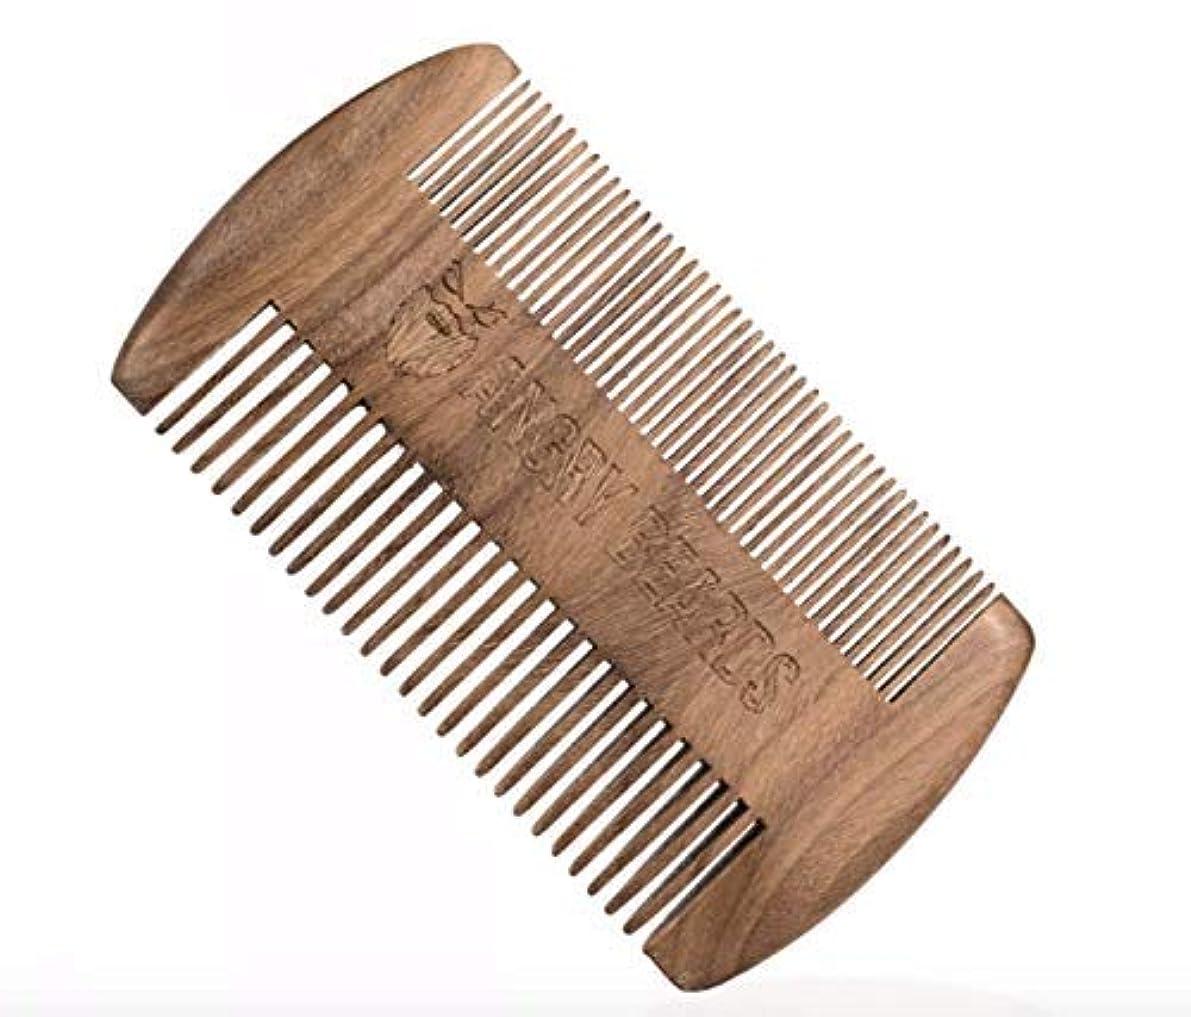 列車胆嚢脊椎Wooden Beard Comb 10x6cm by Angry Beards Made in Czech Republic / チェコ共和国製の怒っているひげによって木のひげの櫛10 x 6 cm